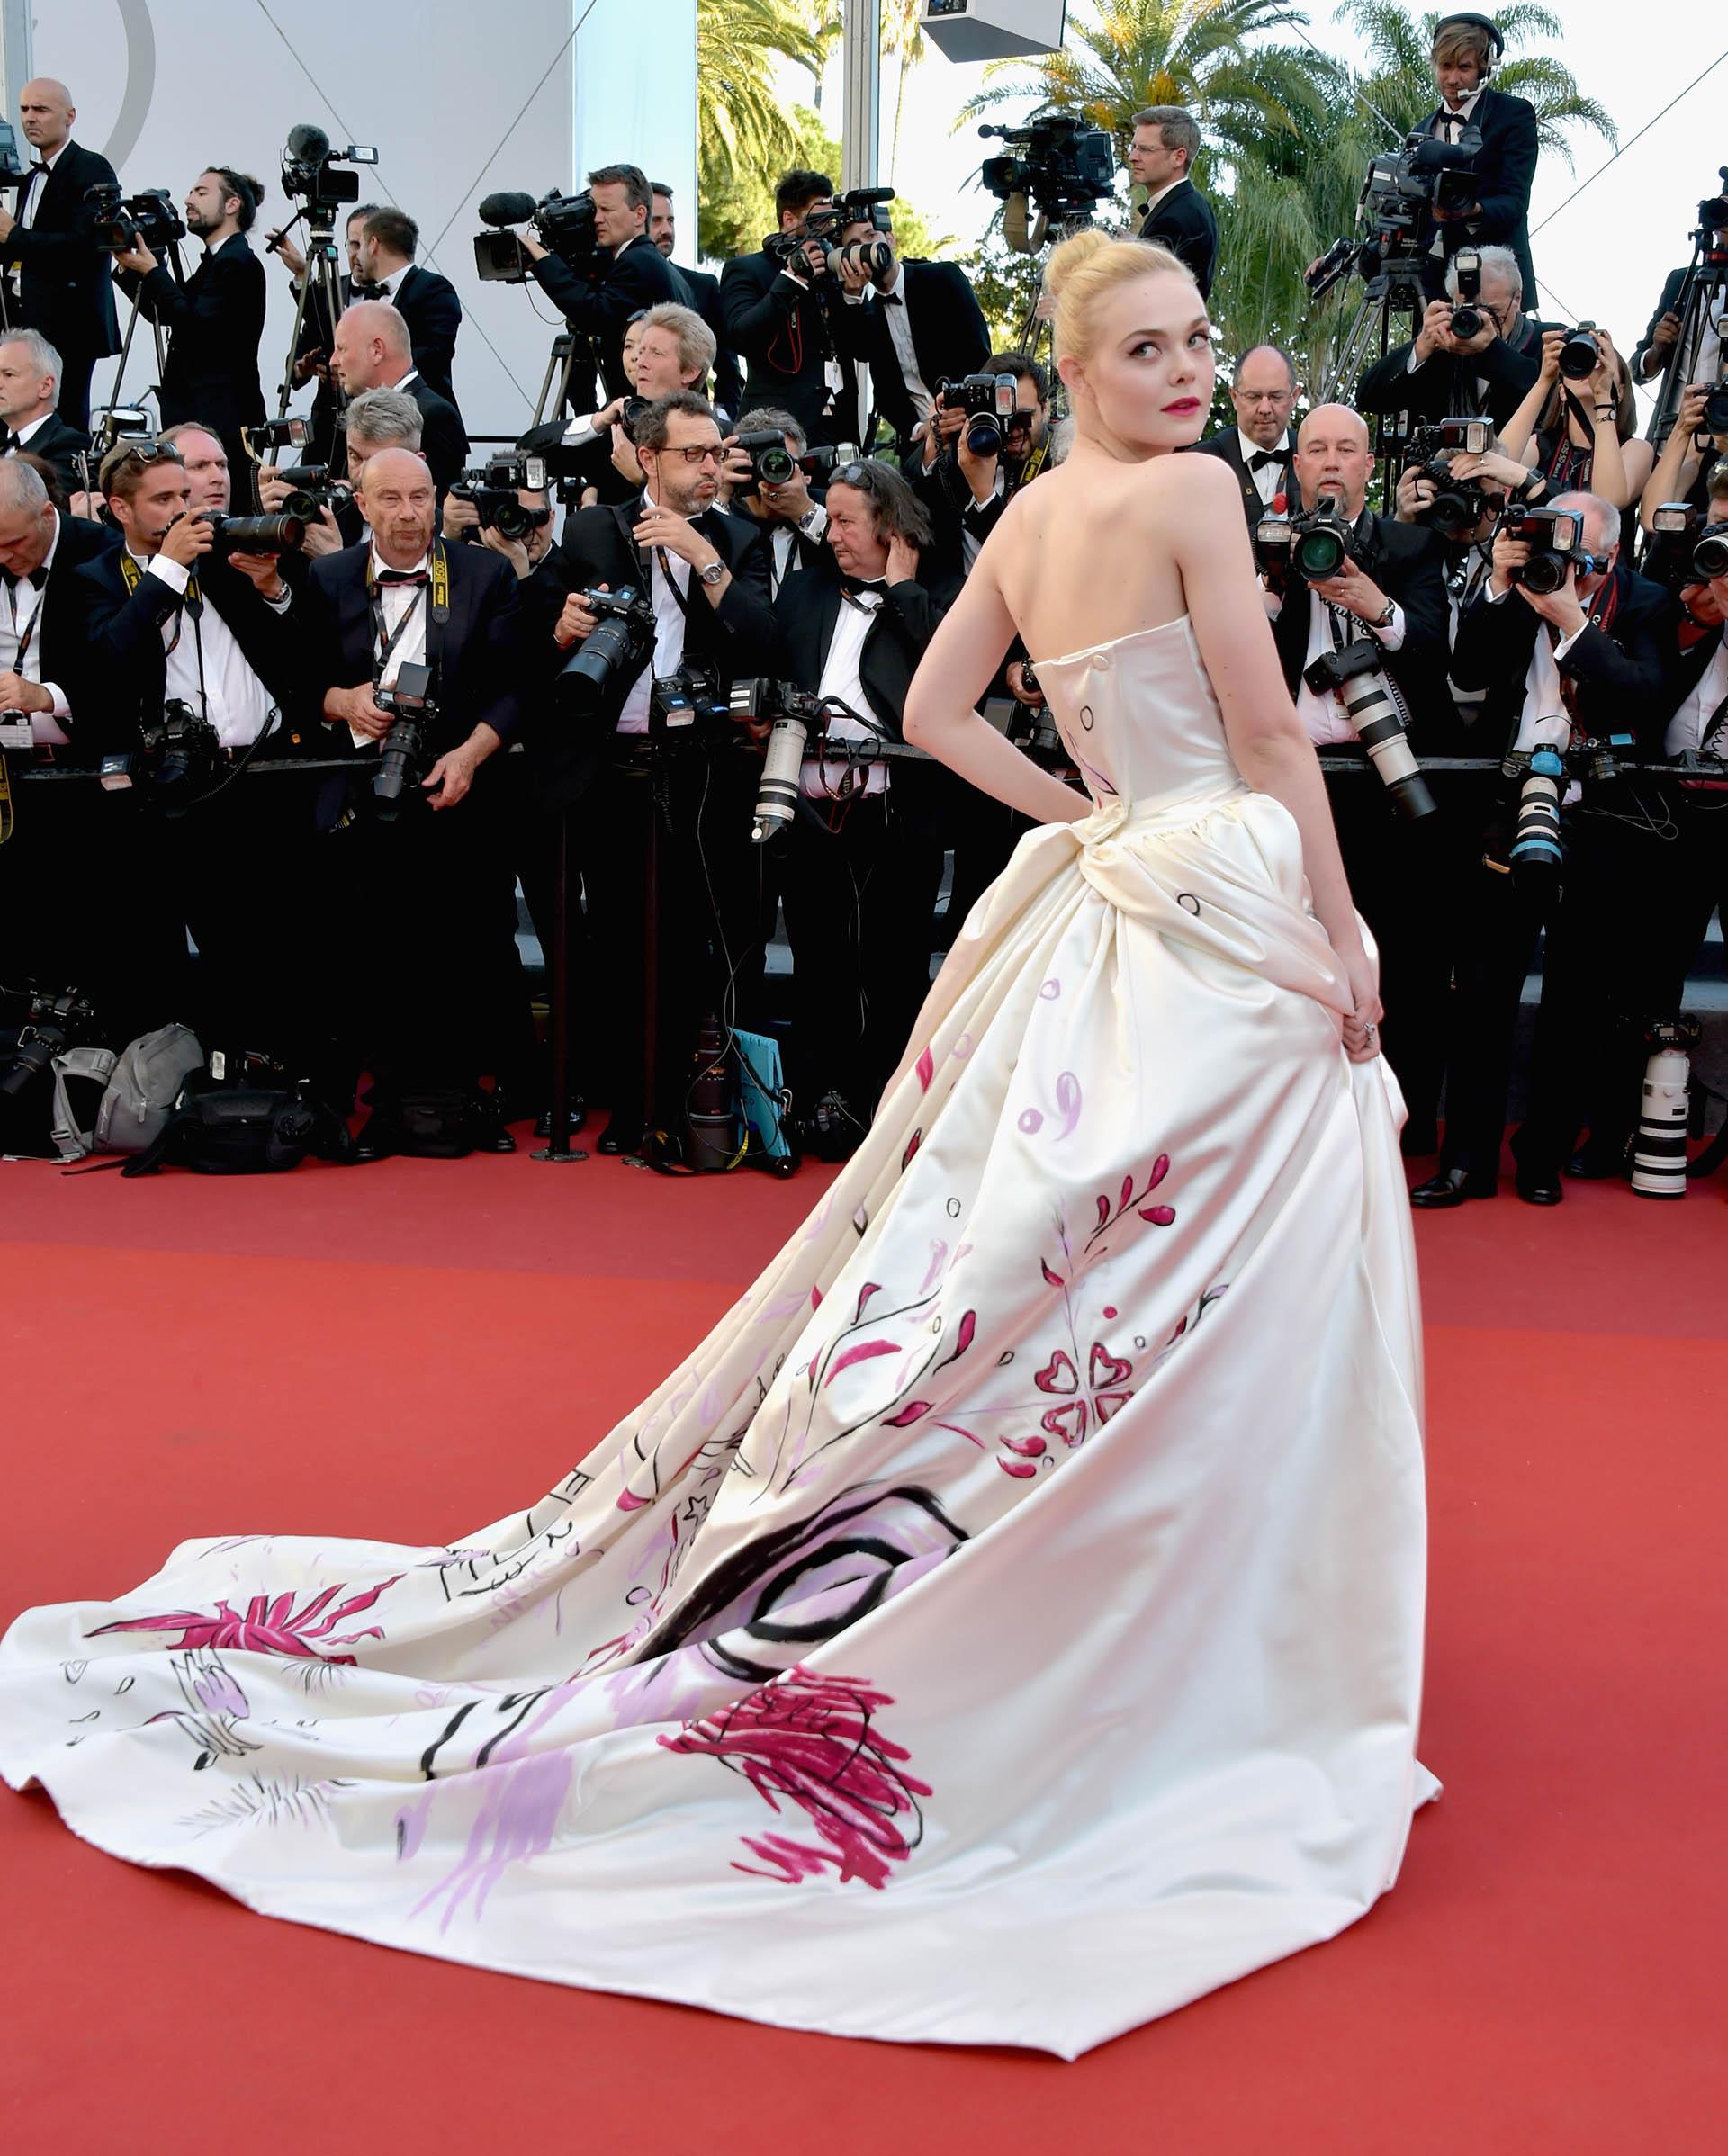 Elle Fanning deslumbró en esta edición del festival con un vestido tiza con un diseño único en la falda firmado por Vivienne Westwood. Completó su look con un maquillaje cat eye y labios rosa mate (Pascal Le Segretain/Getty Images)